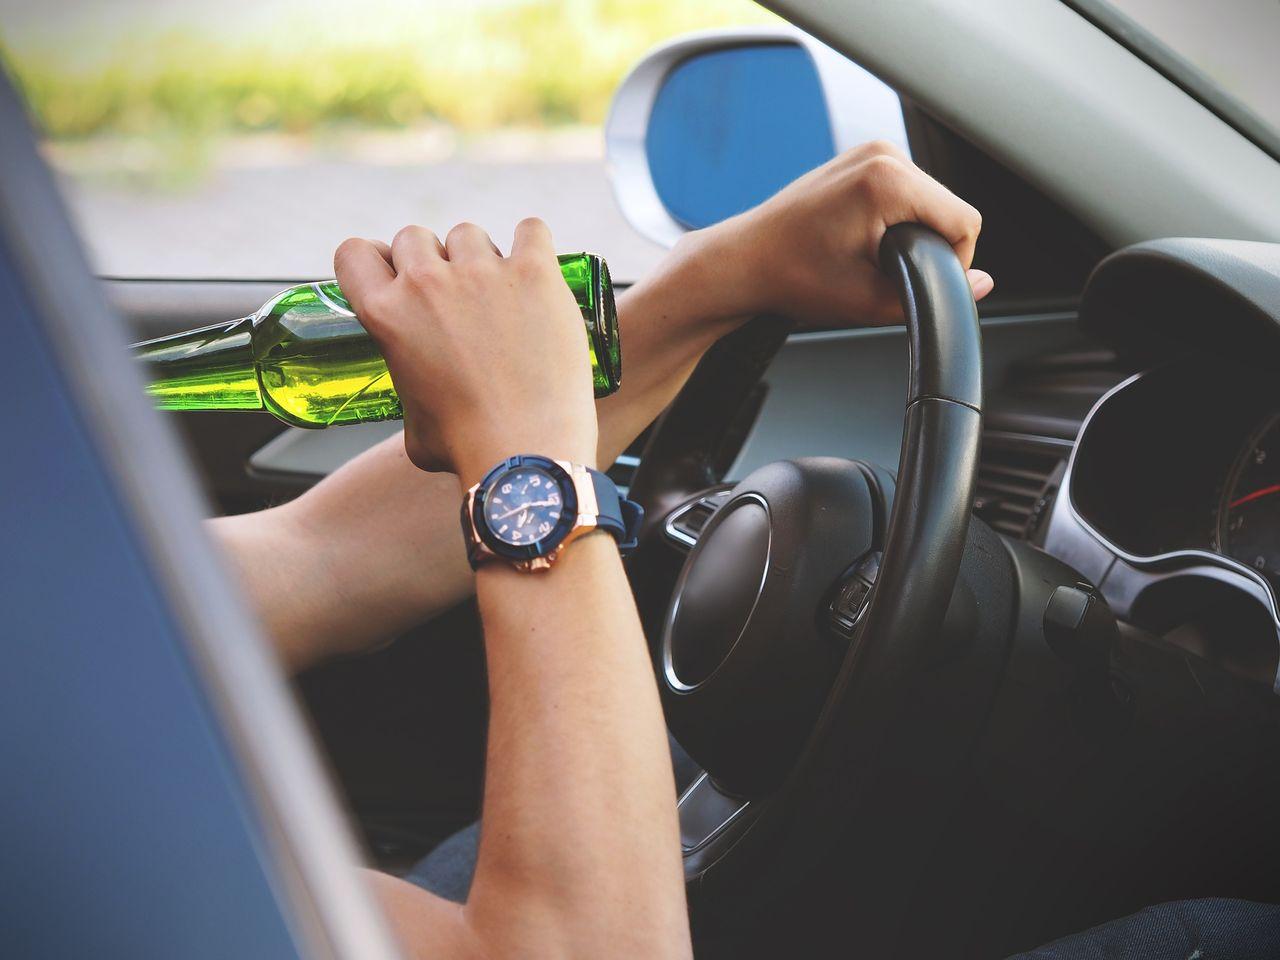 Var tionde man tycker det är ok att köra efter en starköl